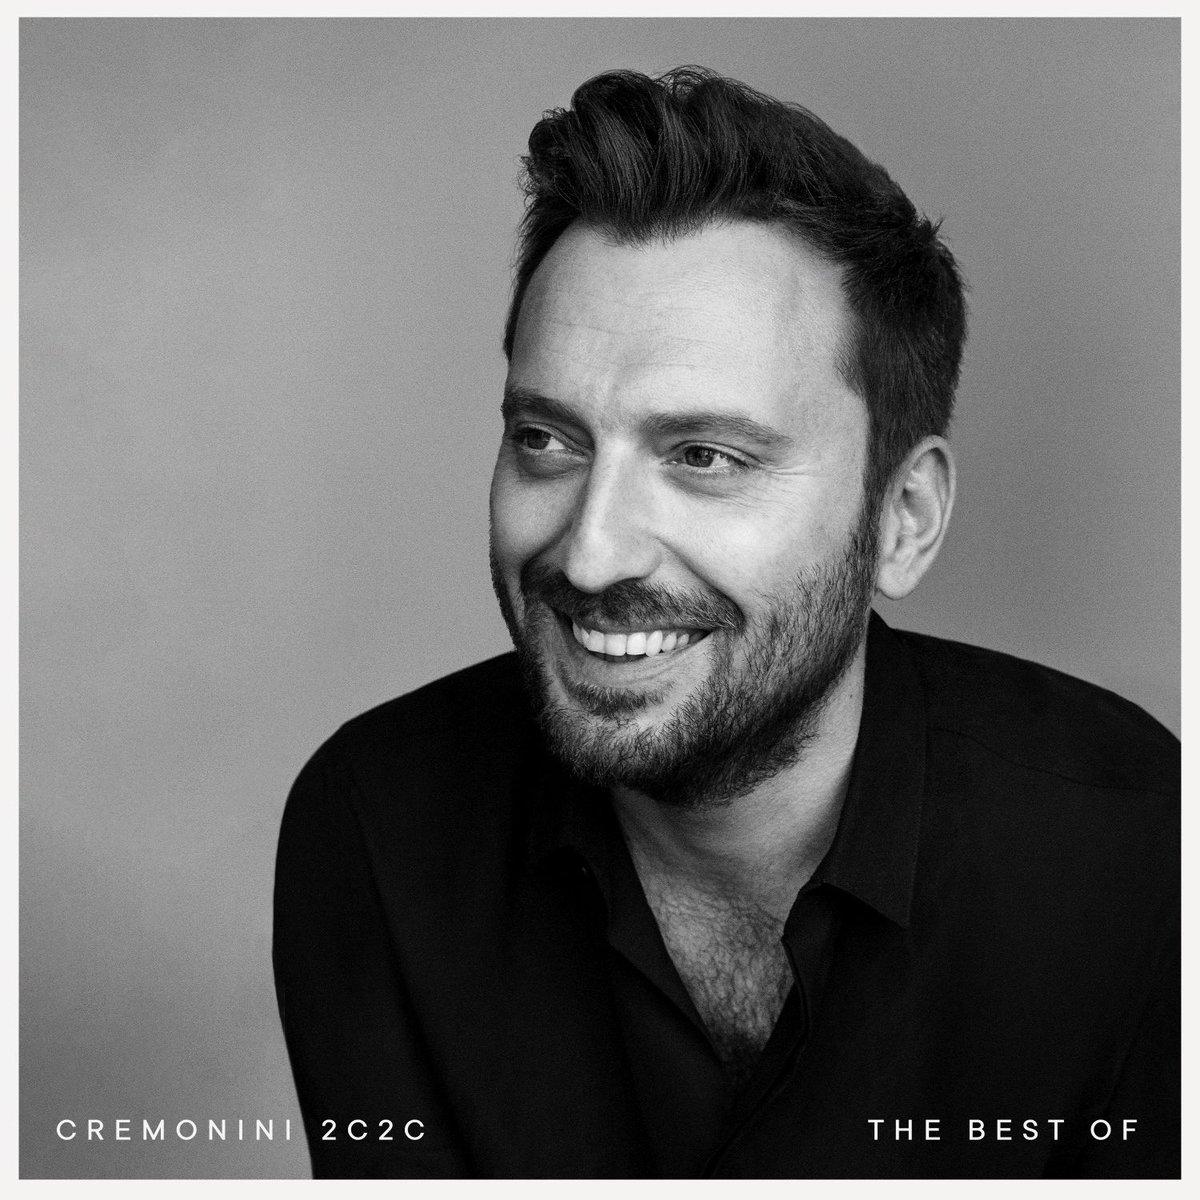 Podio #Album:    #Cremonini2C2CTheBestOf - @CremoniniCesare    #AccettoMiracoli - @TizianoFerro    #ChiaramenteVisibiliDalloSpazio- @BiagioAntonacci  Tutte le chart online su  http://www. fimi.it    <br>http://pic.twitter.com/ogYXBglcAZ